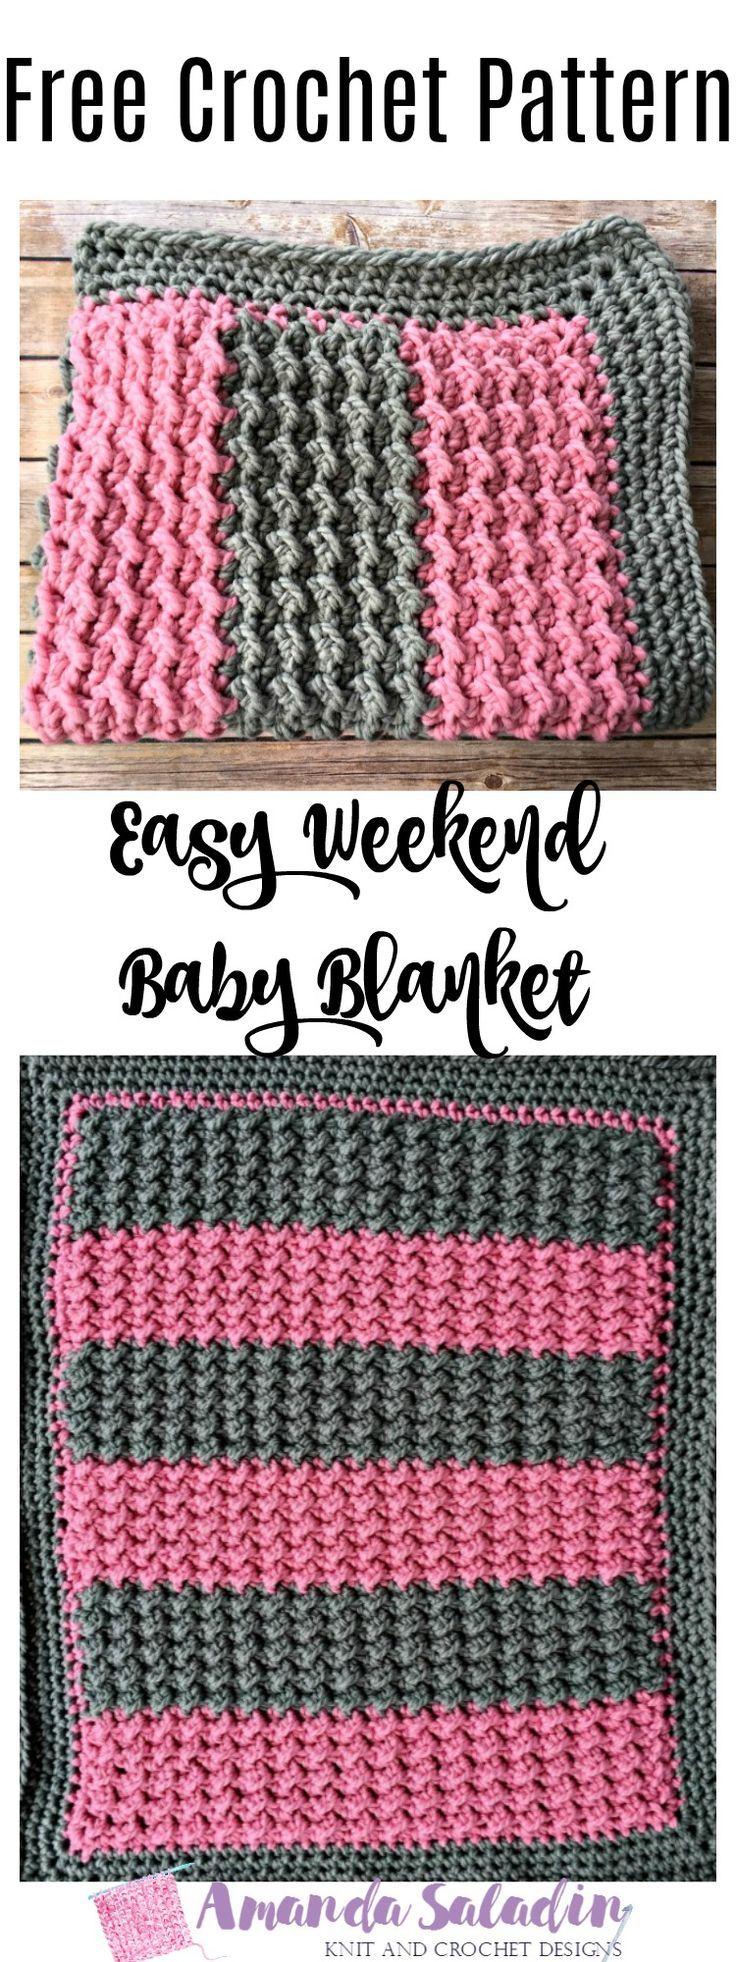 Easy Weekend Baby Blanket - Free Crochet Pattern | Super bulky yarn ...